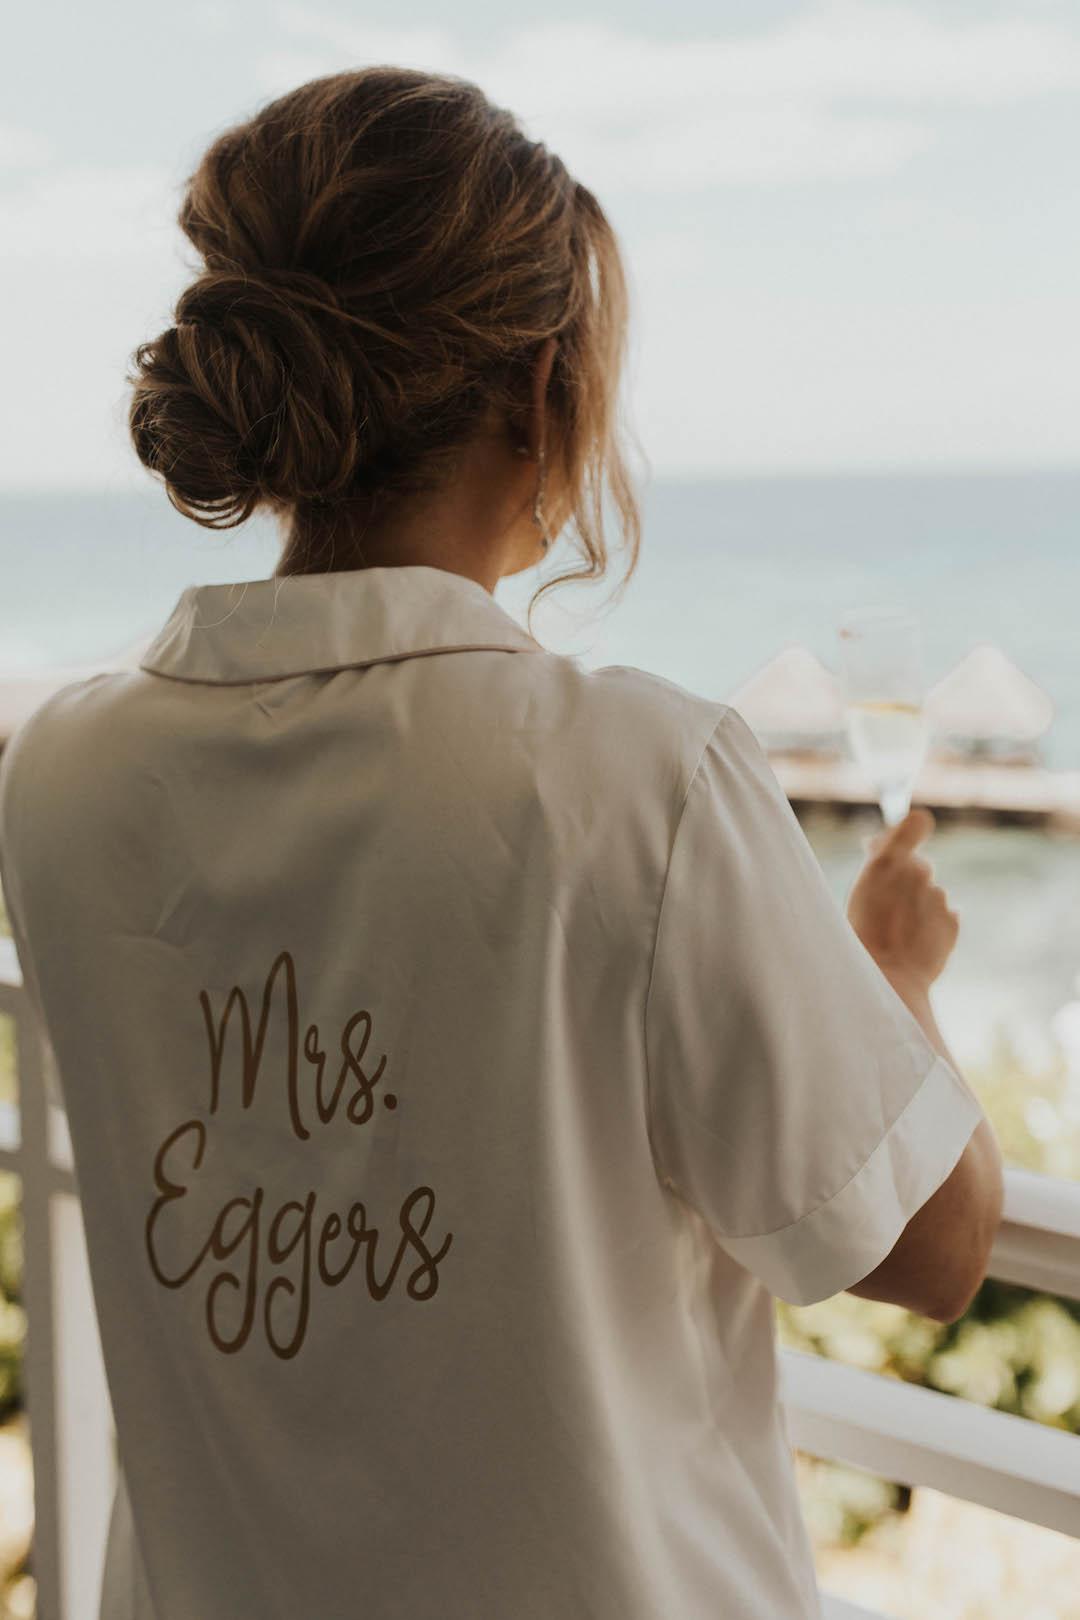 Personalized bridal pajamas